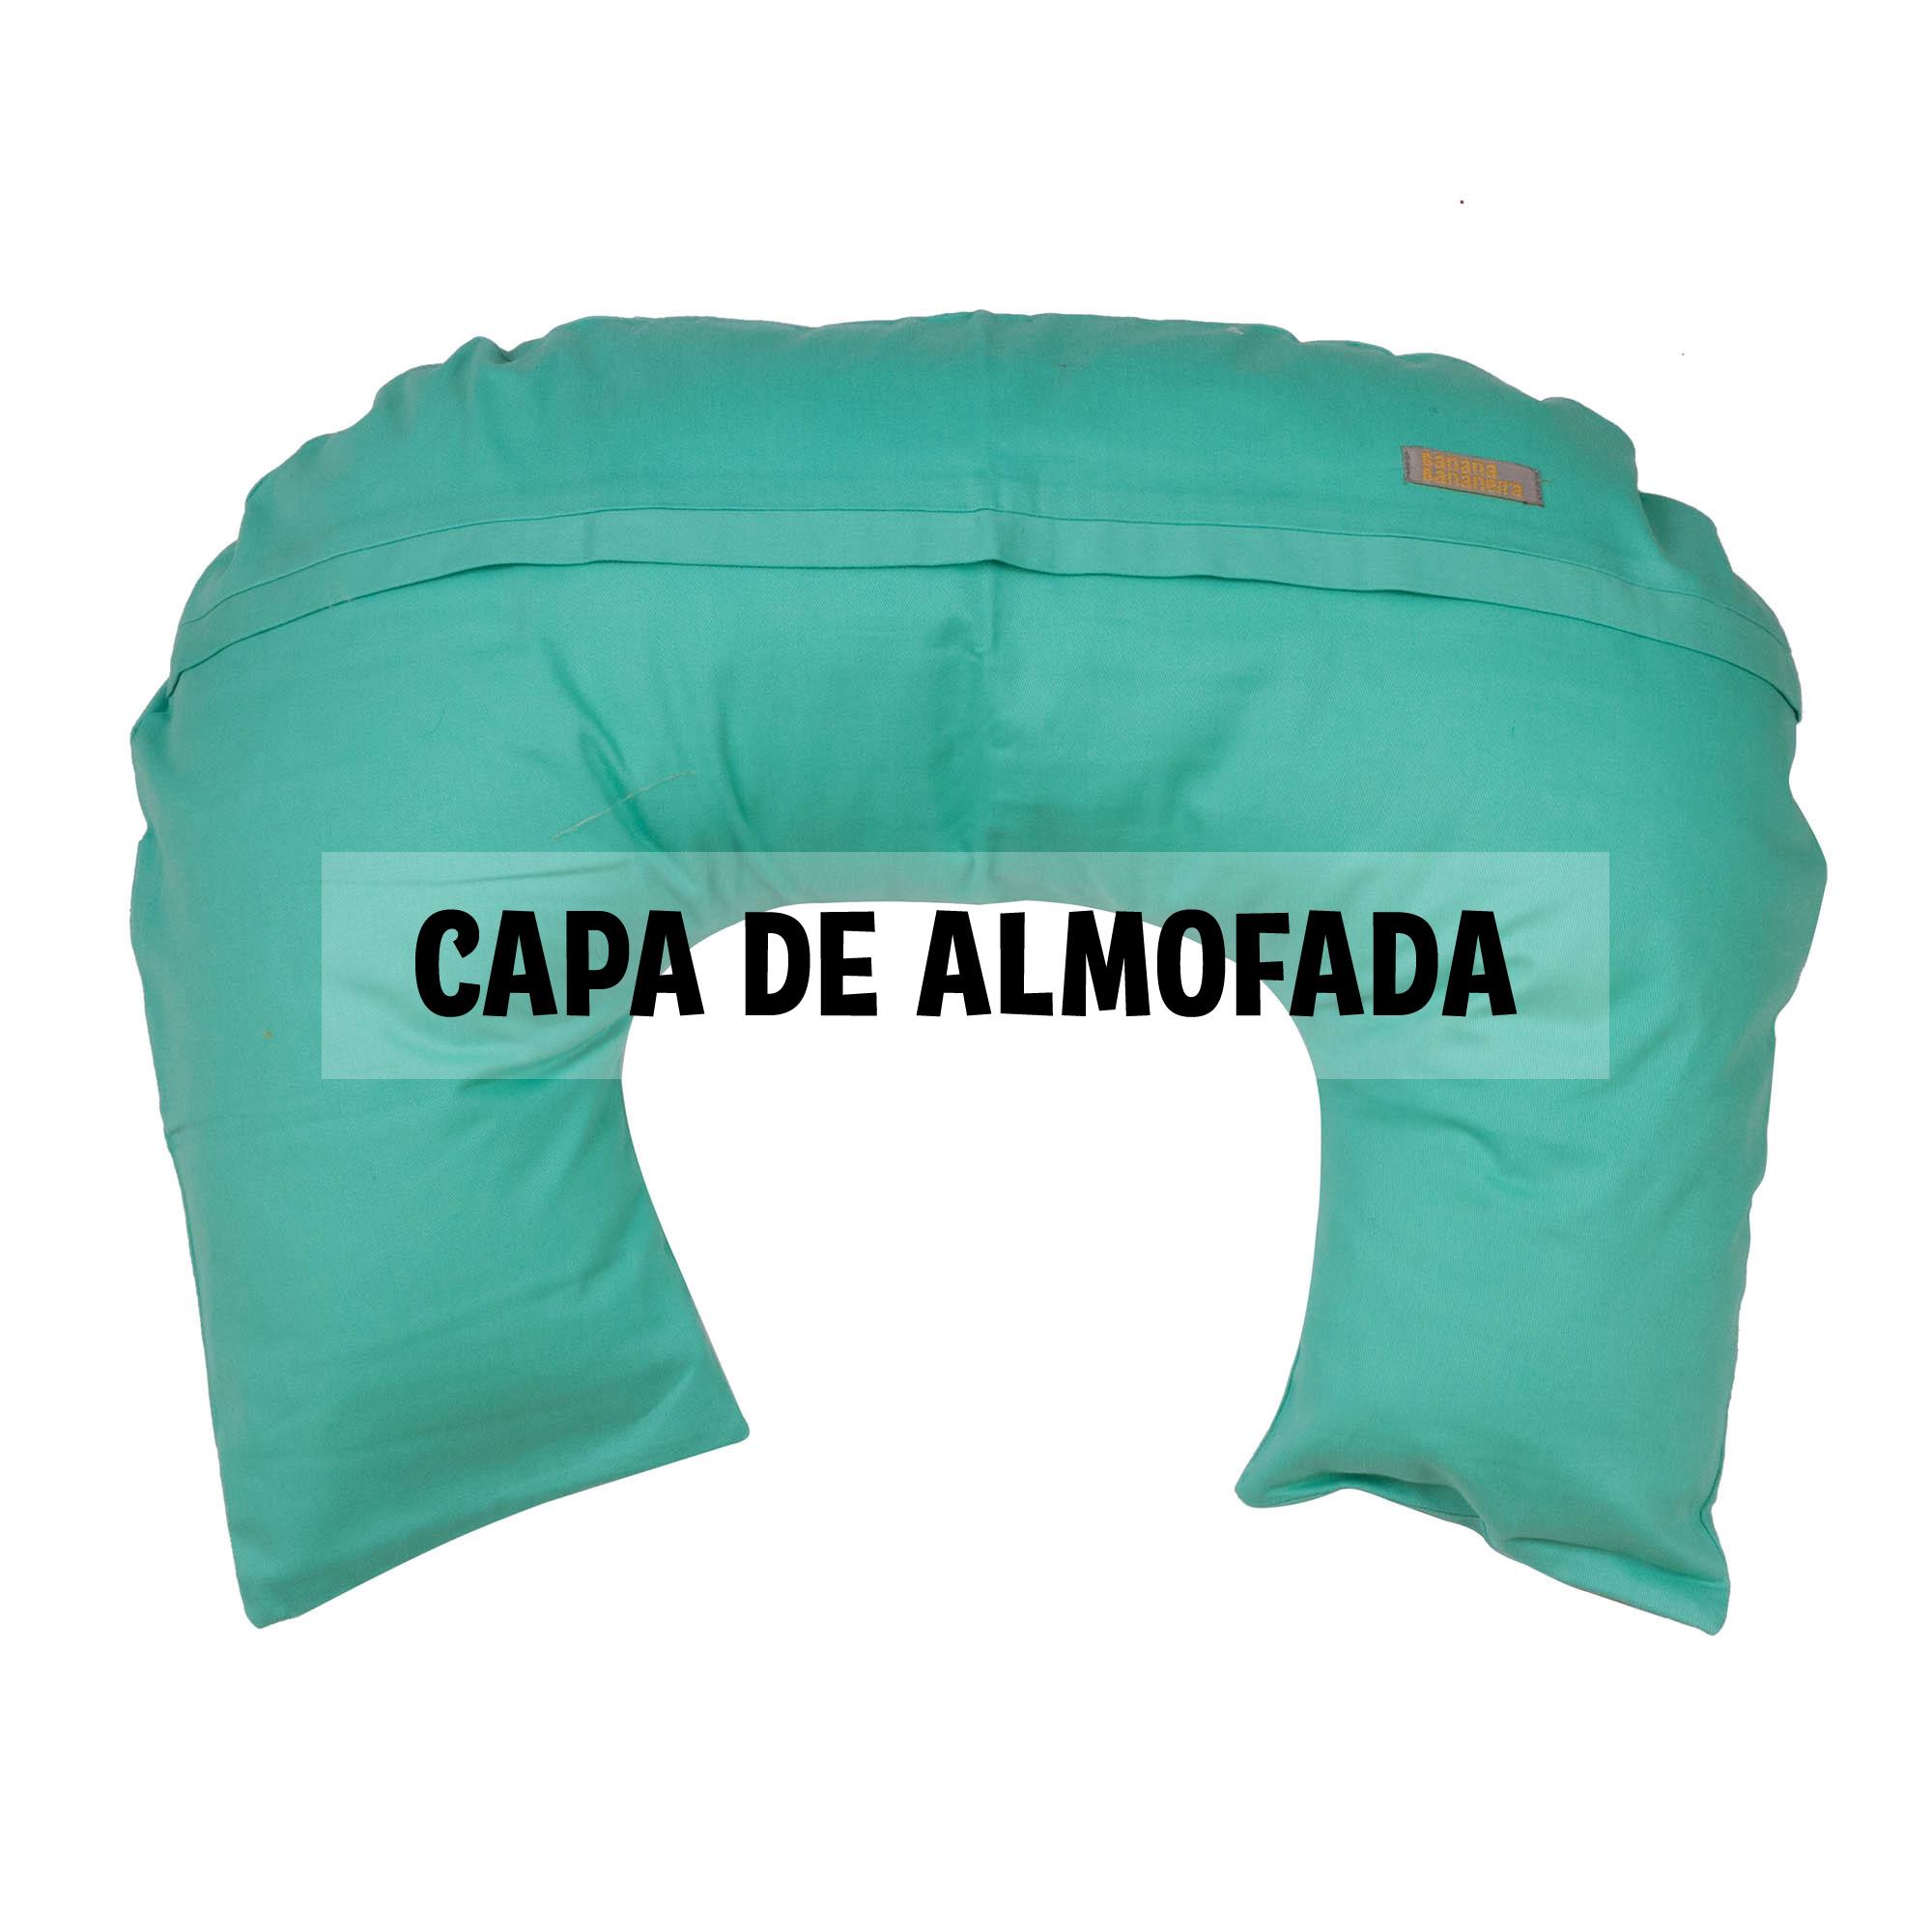 Capa de almofada de amamentação verde água